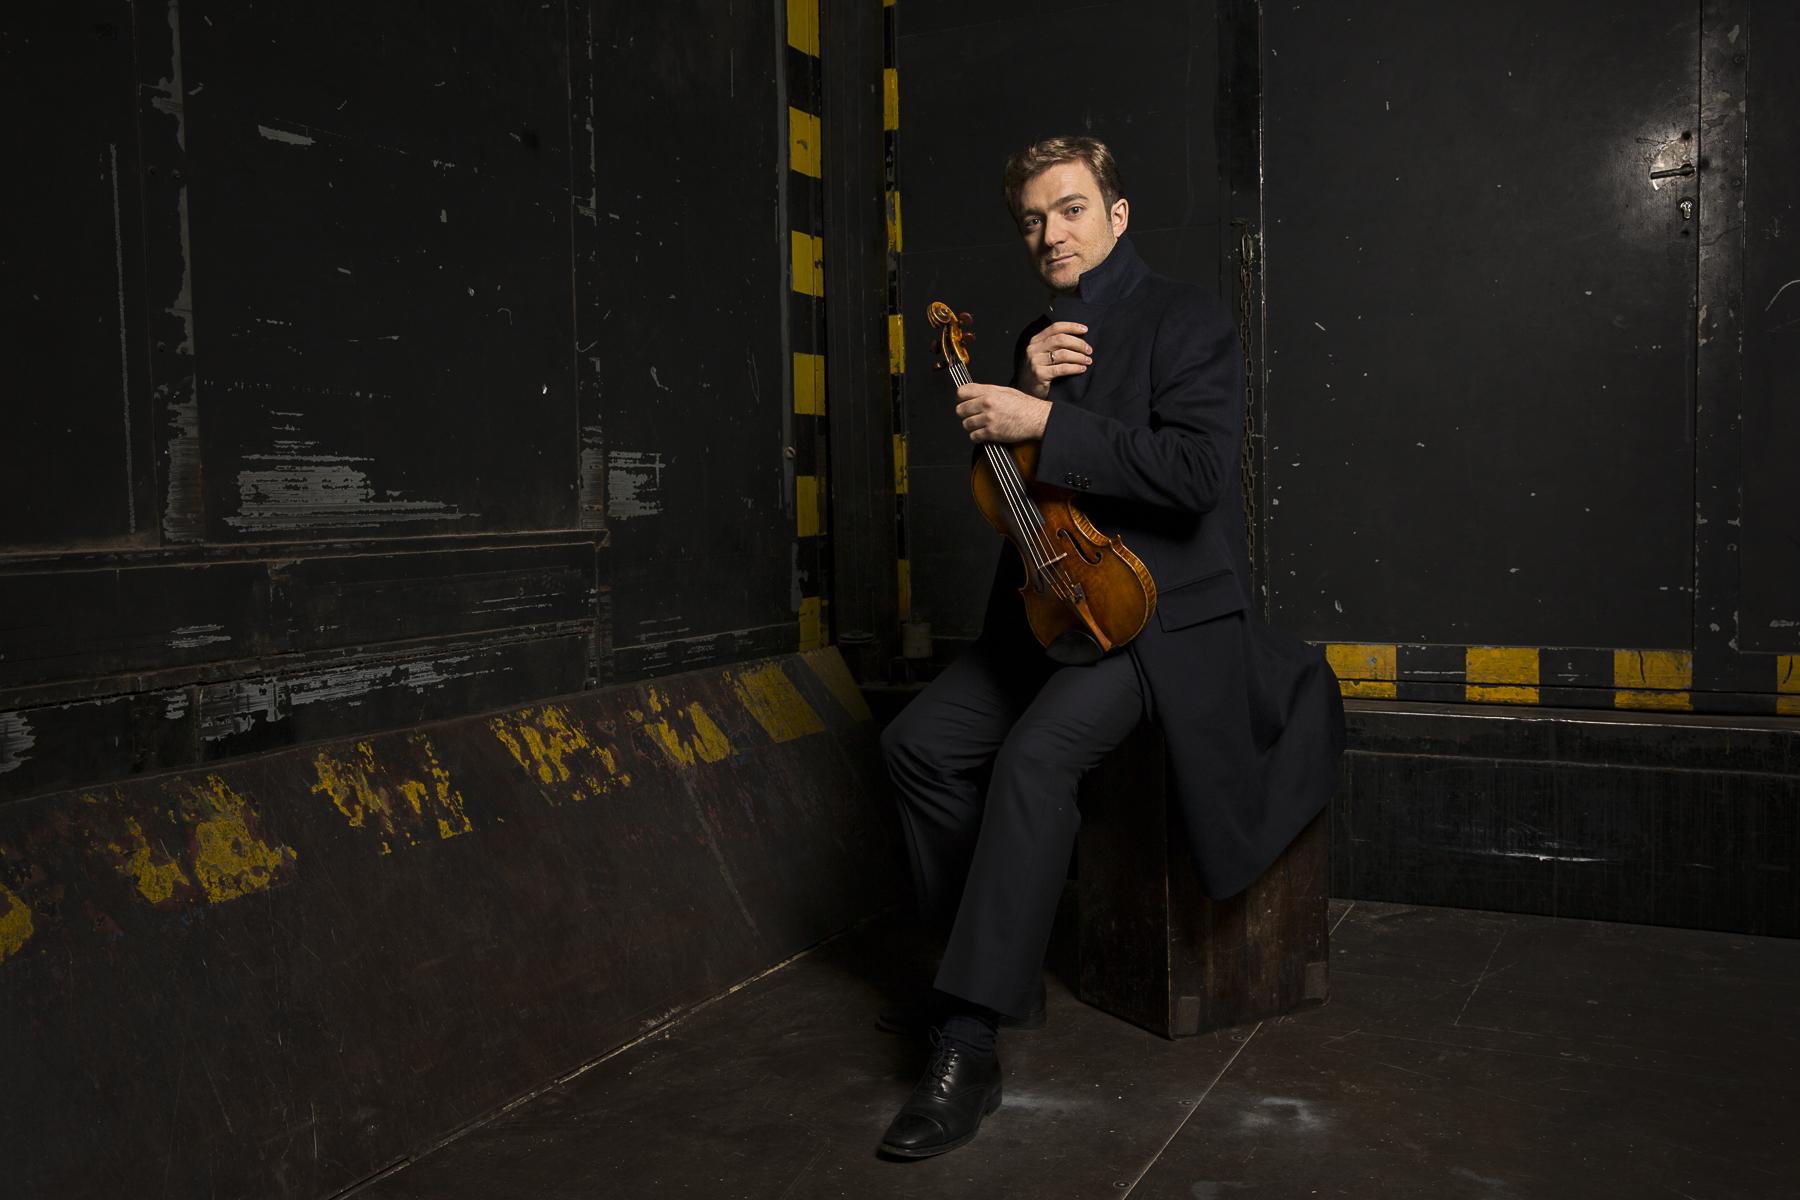 Paris, 2014. Le violoniste Renaud Capuçon.Paris, 2014. French violonist Renaud Capuçon.